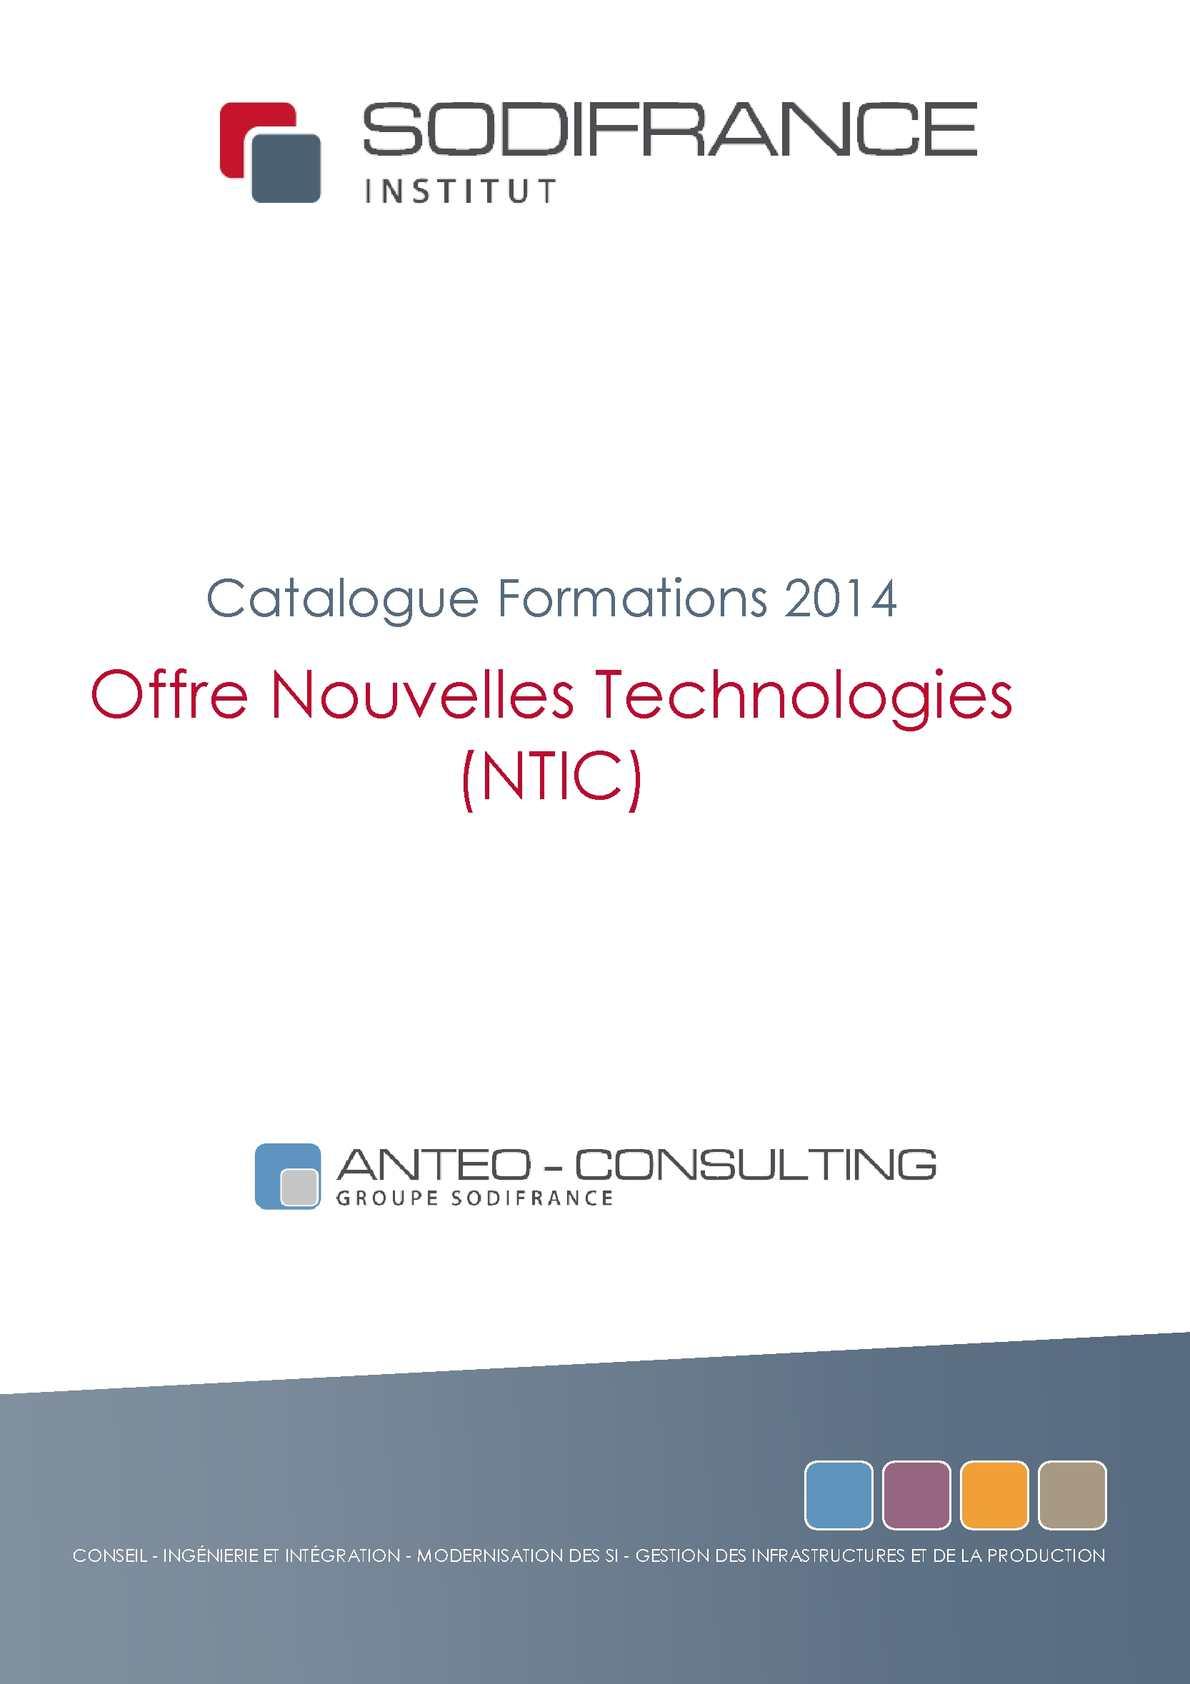 Sodifrance - Catalogue de formation NTIC